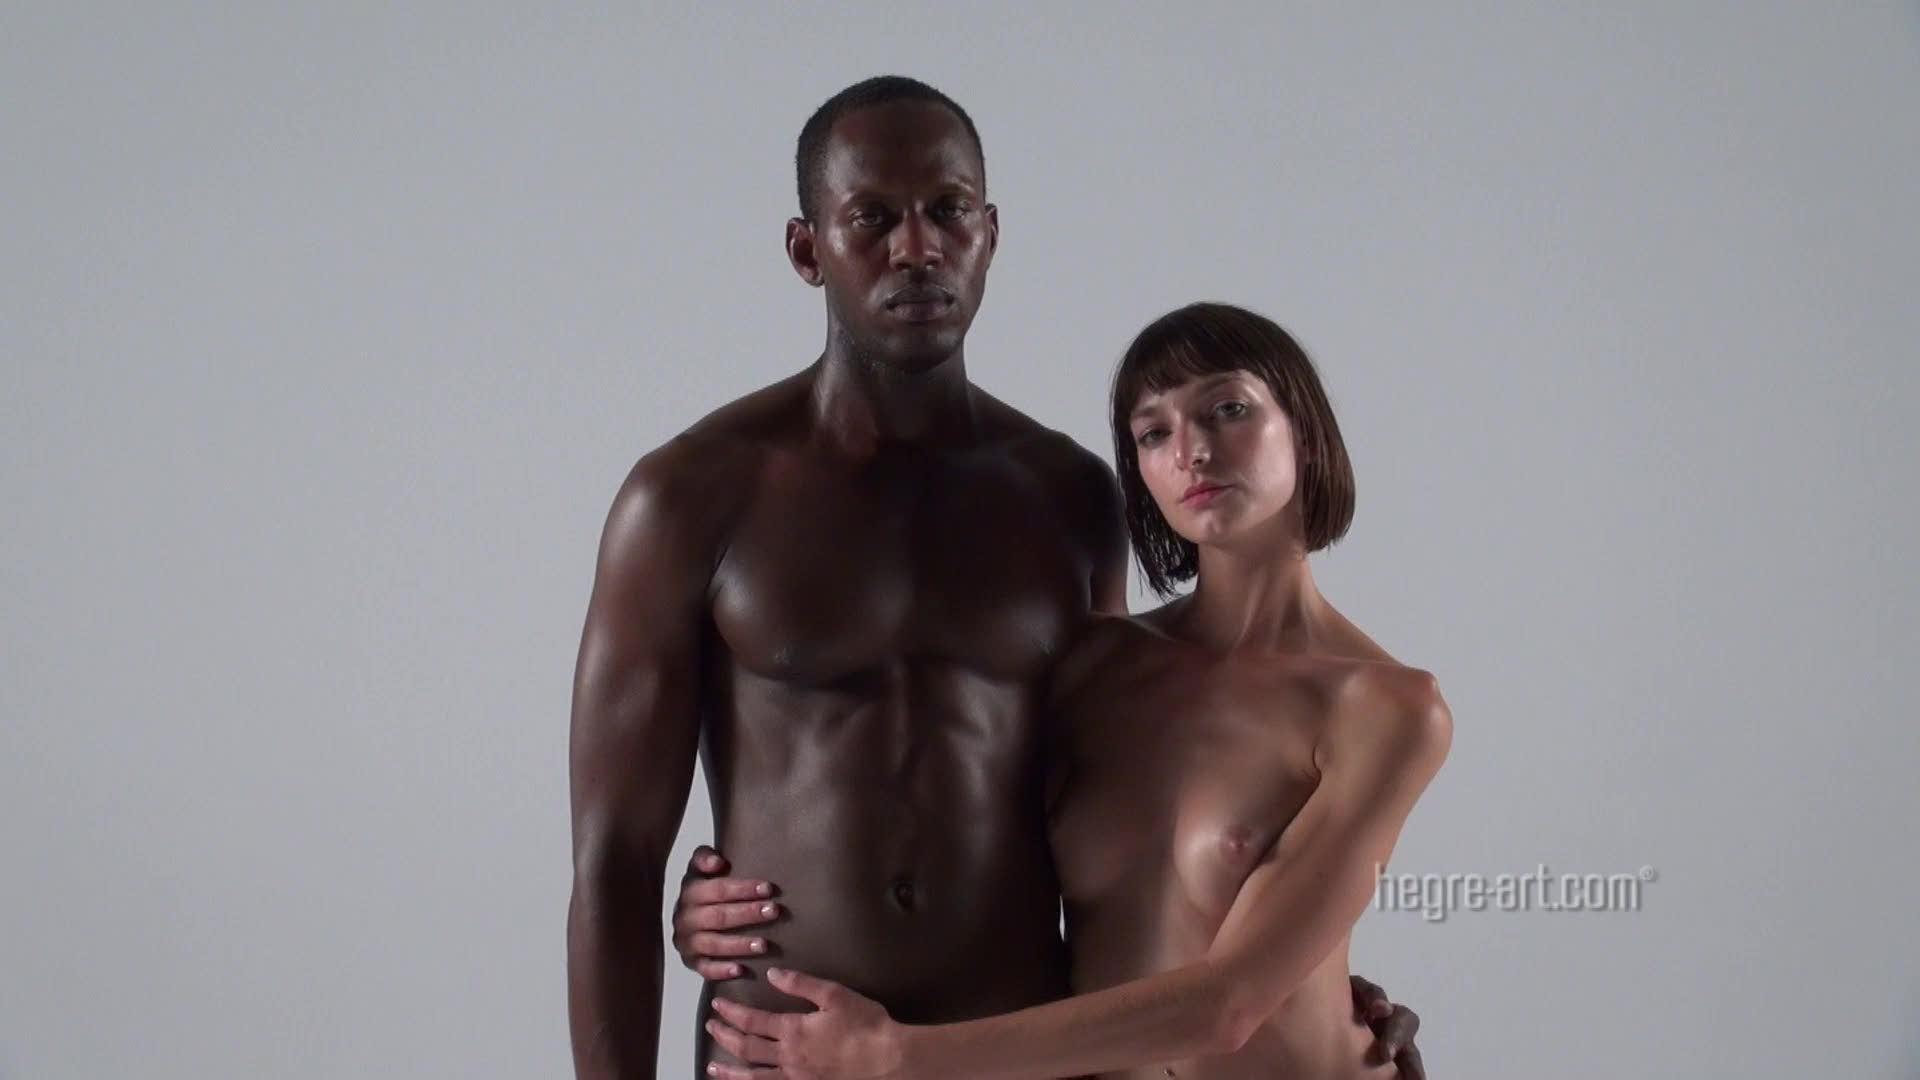 massazh-negra